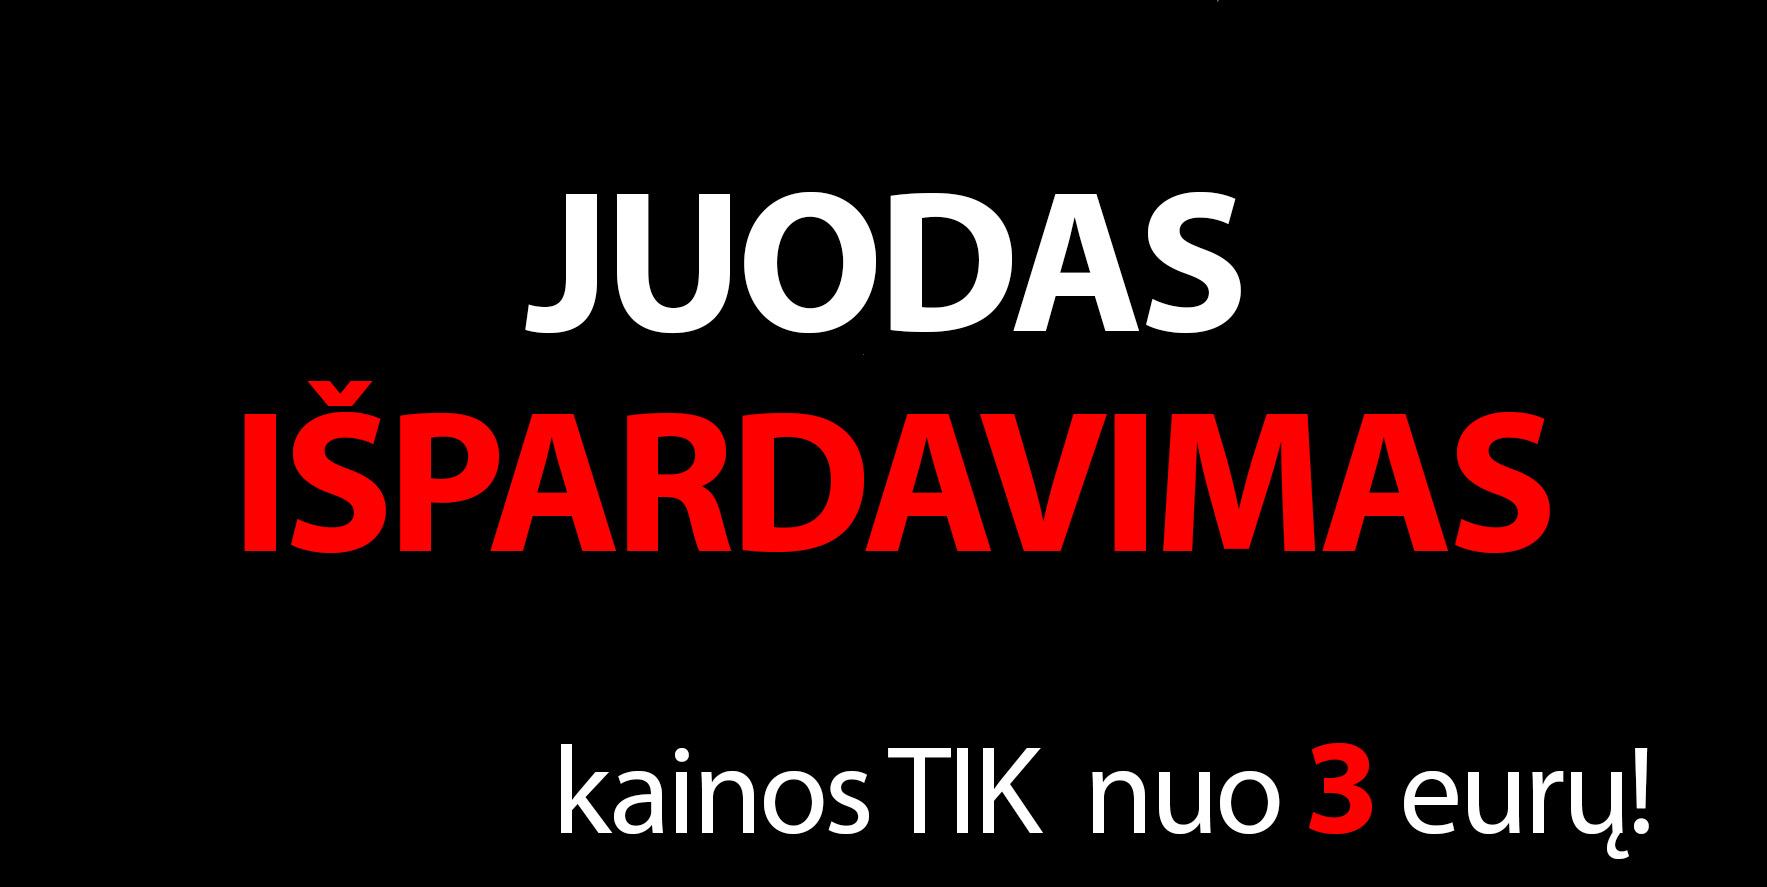 JUODAS IŠPARDAVIMAS